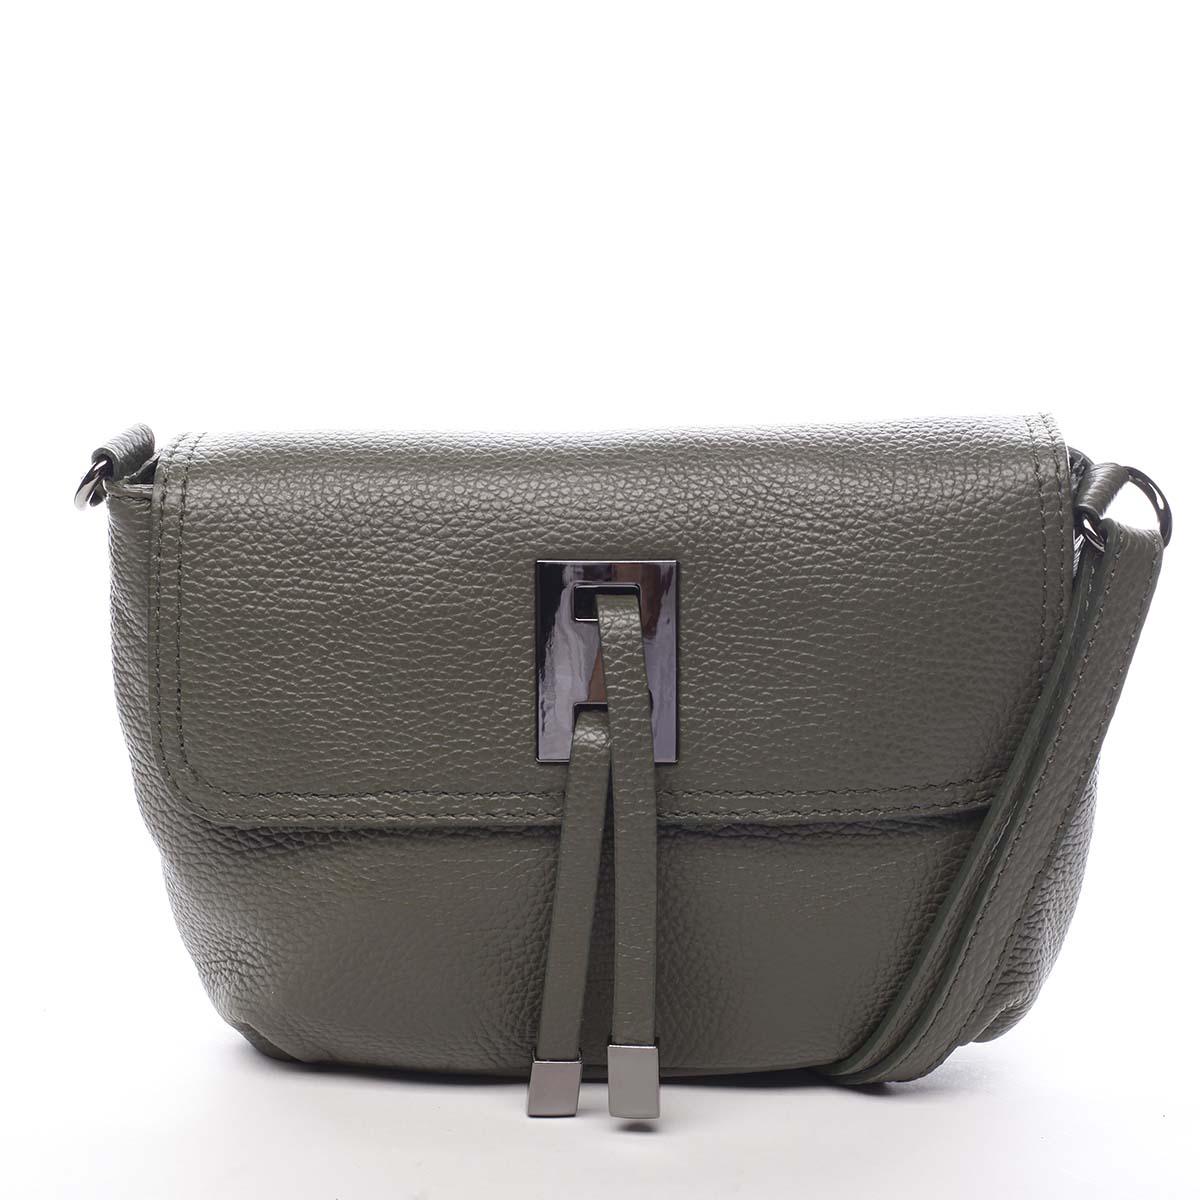 Dámska kožená crossbody kabelka olivová - ItalY Porta